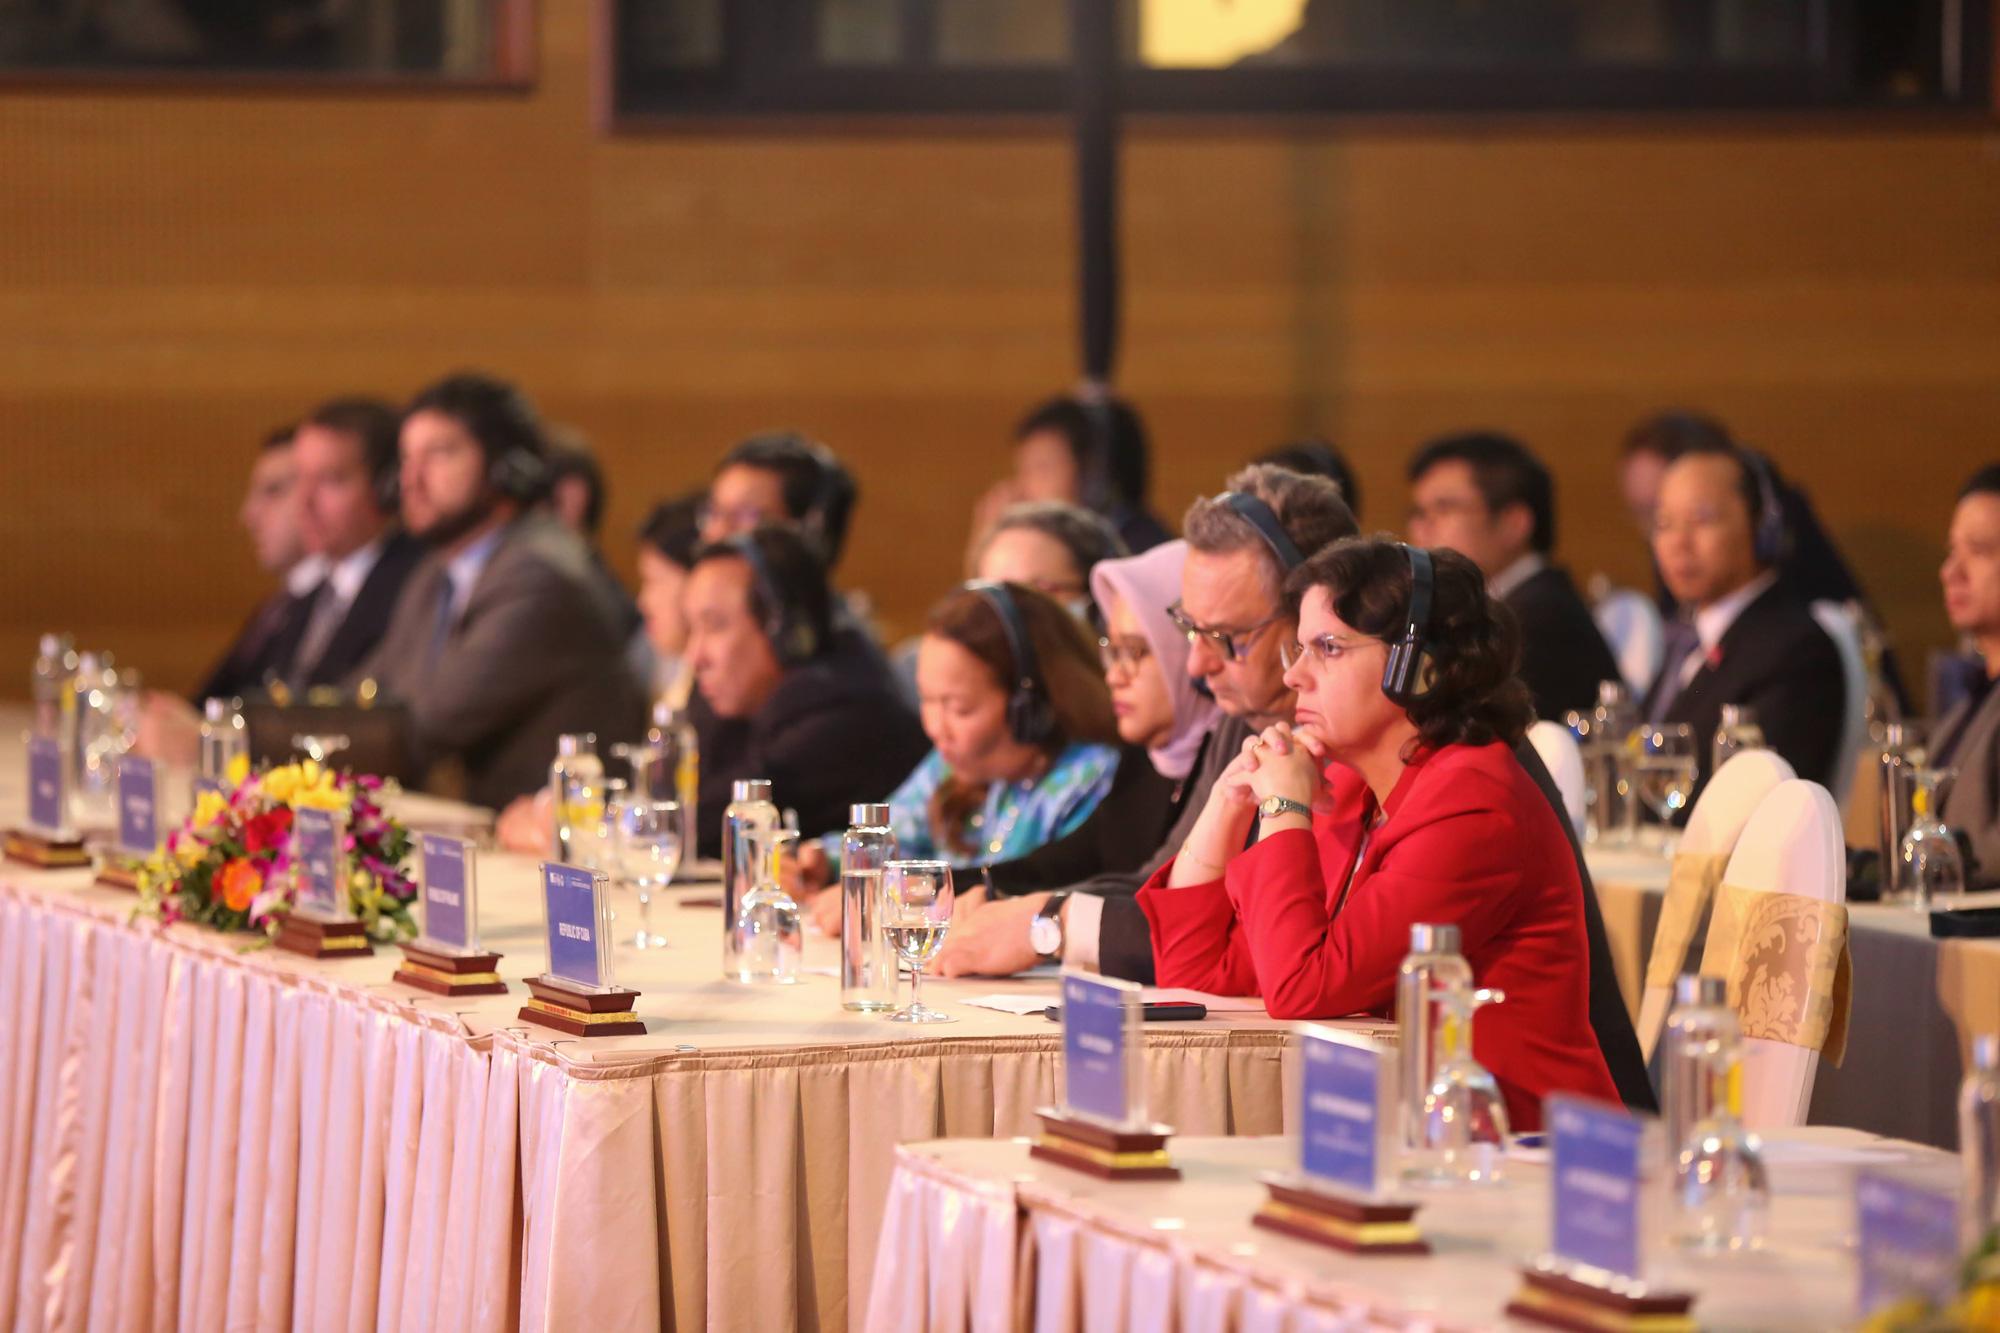 Delegates attend the ITU VirtualDigital World 2020 in Hanoi on October 20, 2020. Photo: Le Son / Tuoi Tre